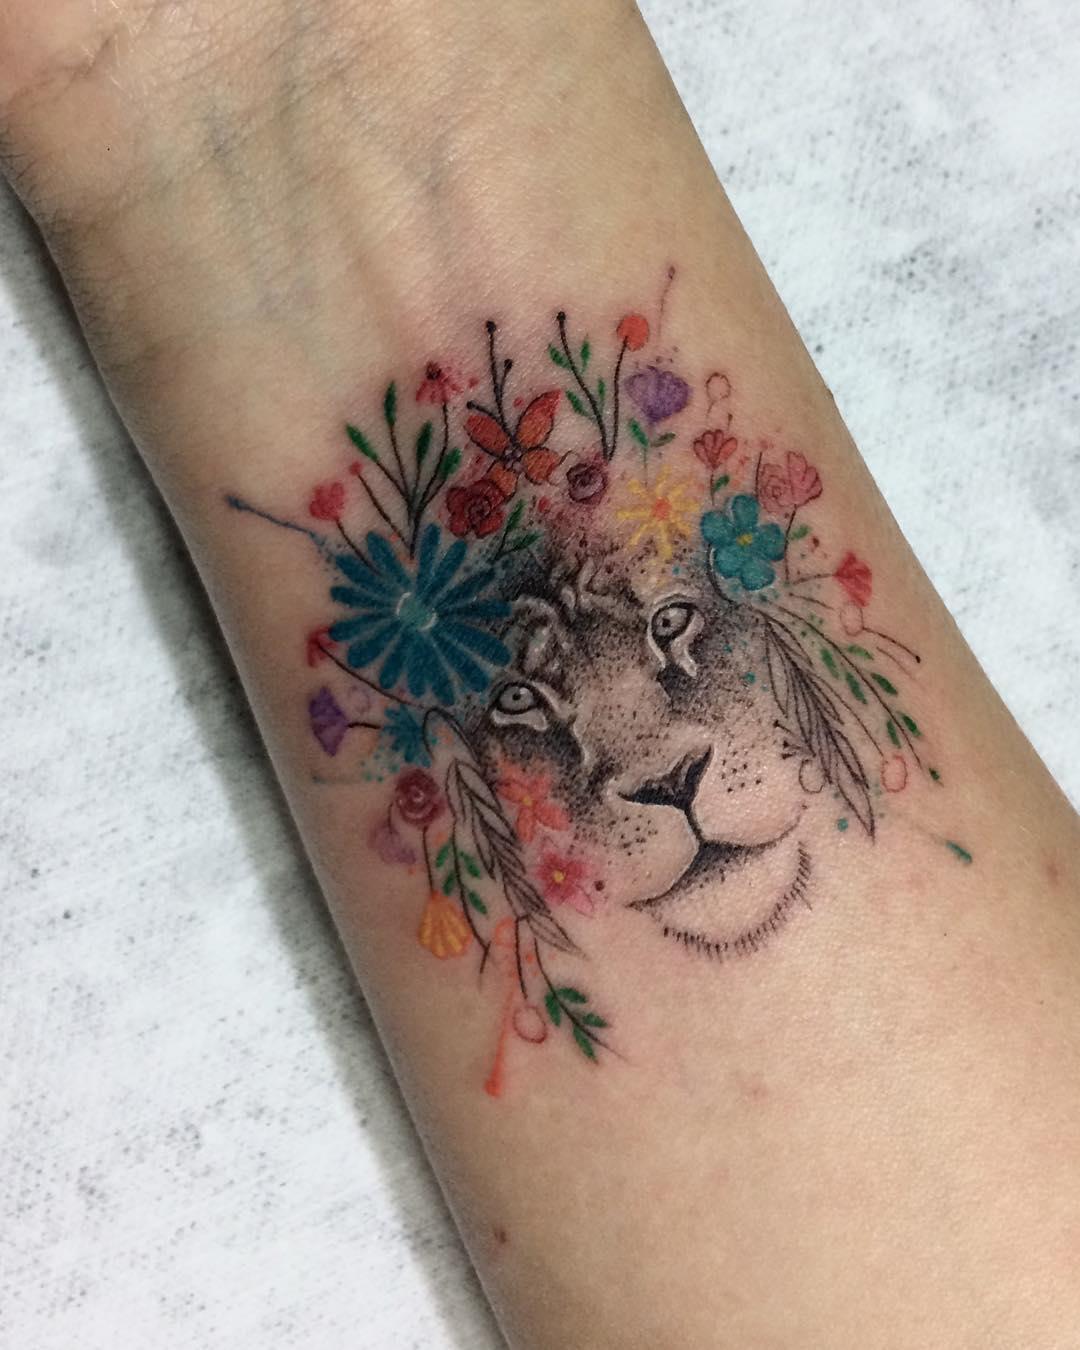 公先生手腕狮子太阳花纹身图案